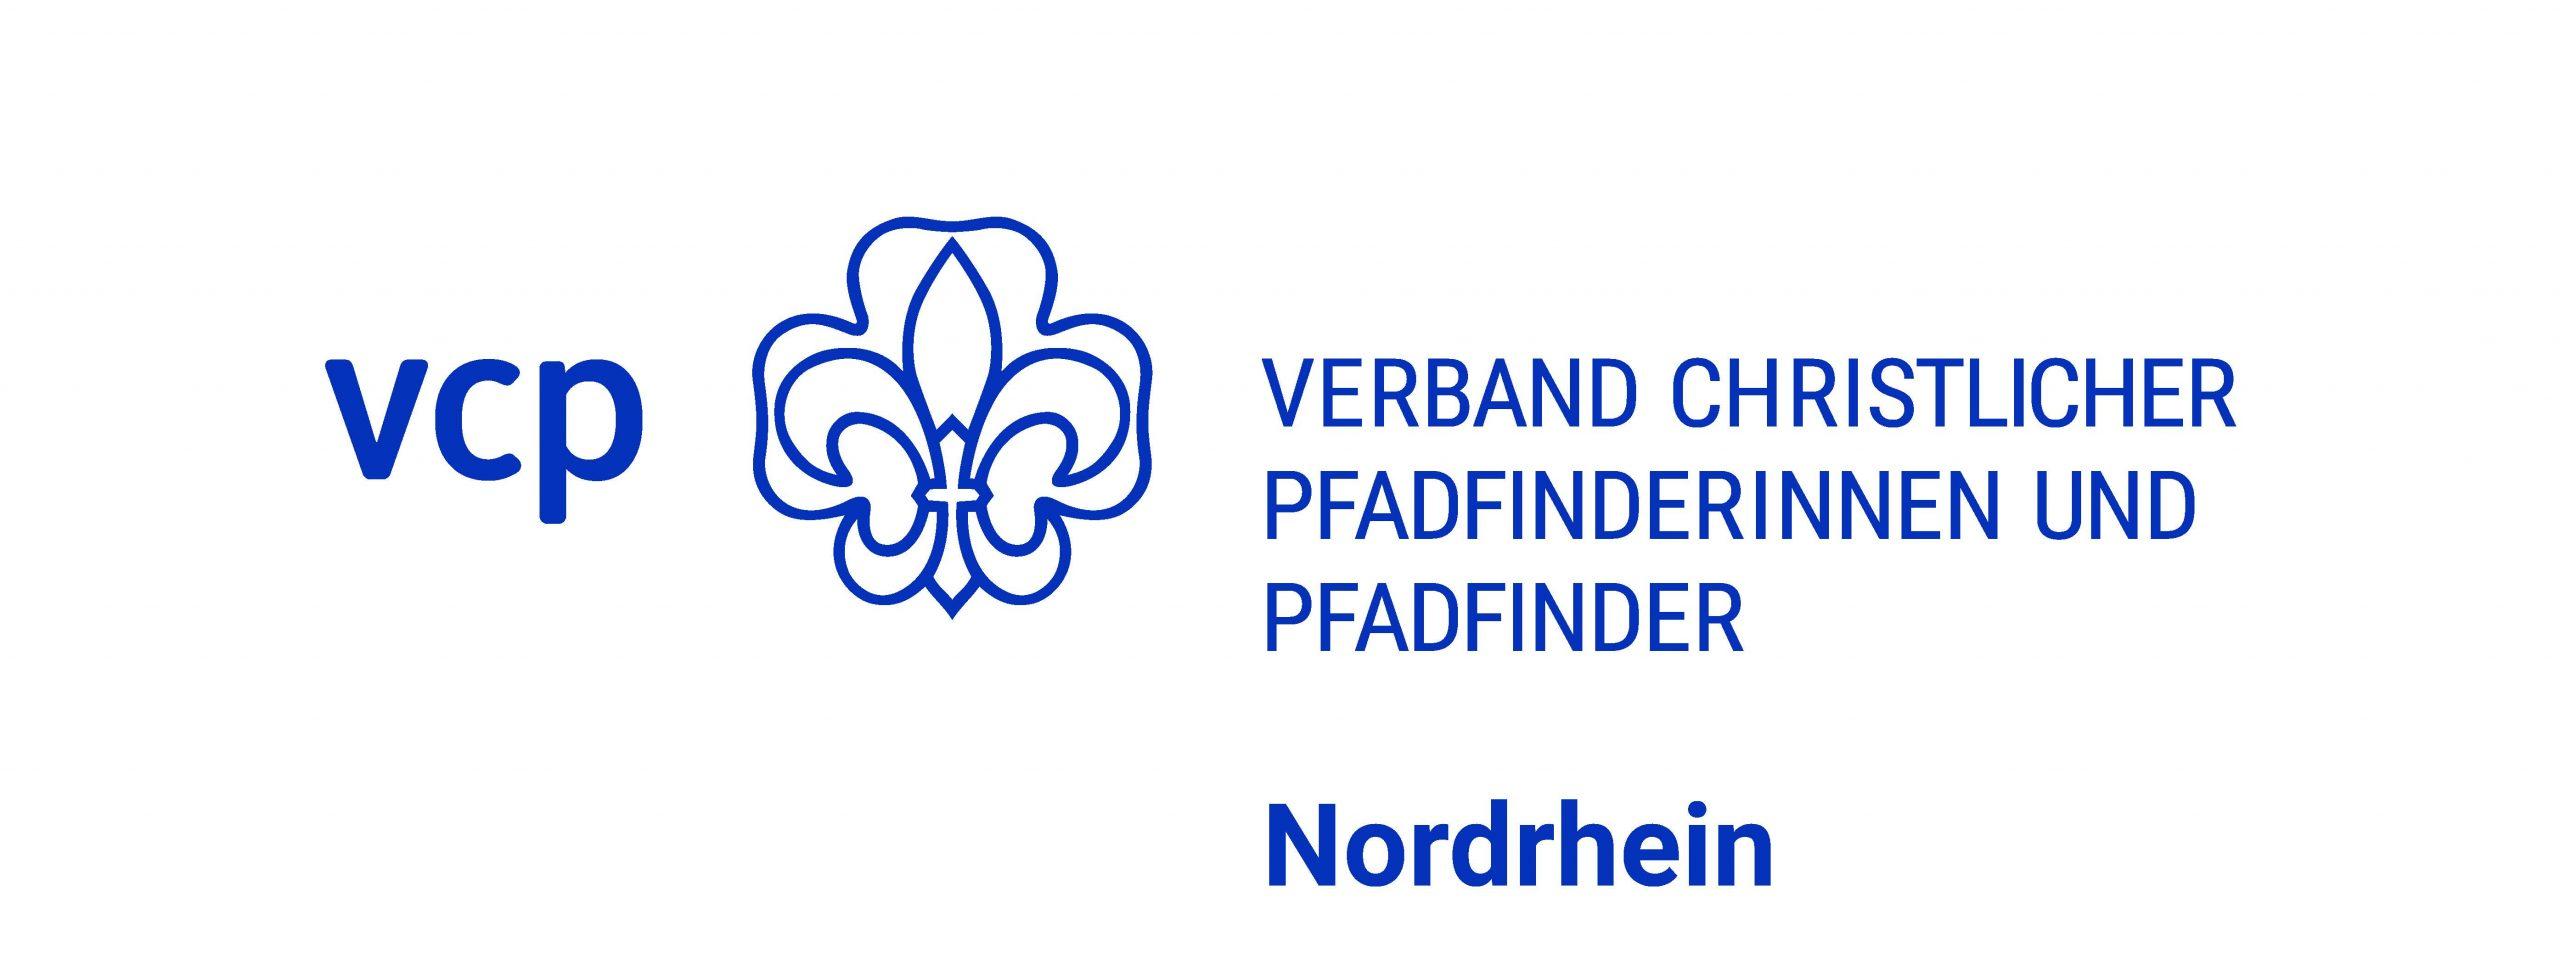 VCP Nordrhein